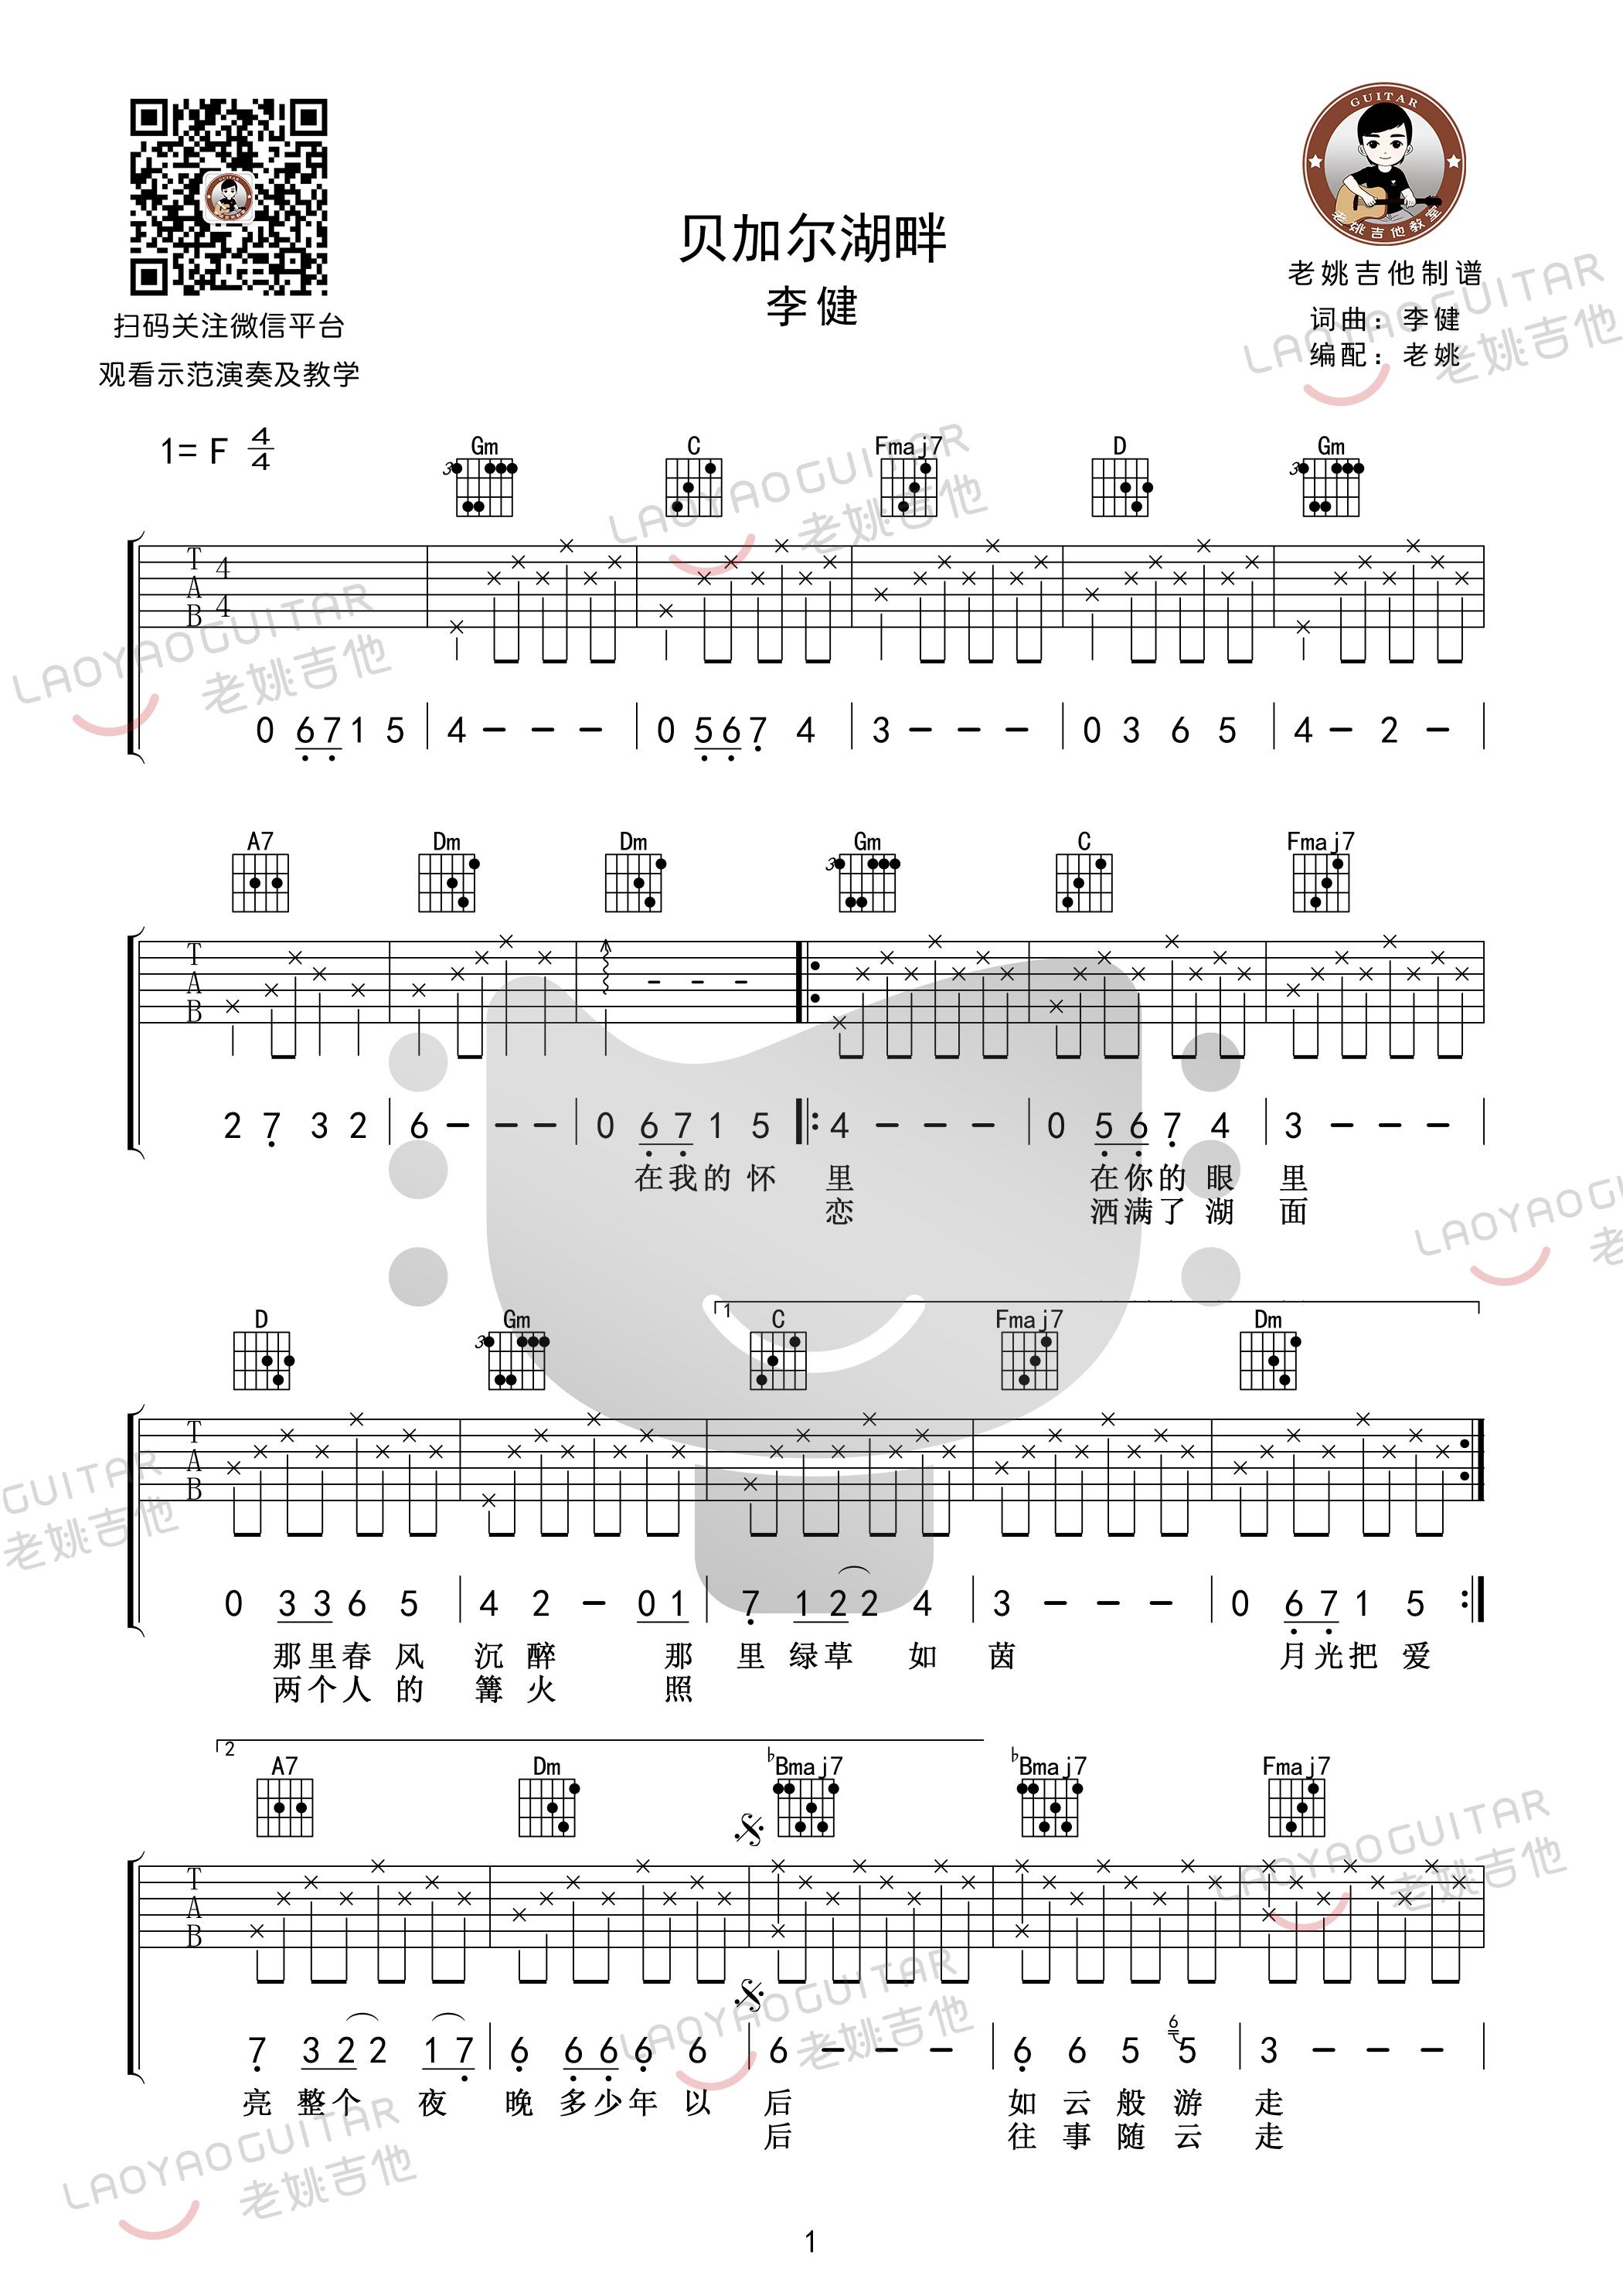 贝加尔湖畔吉他谱(图片谱)_李健_贝加尔湖畔01.jpg